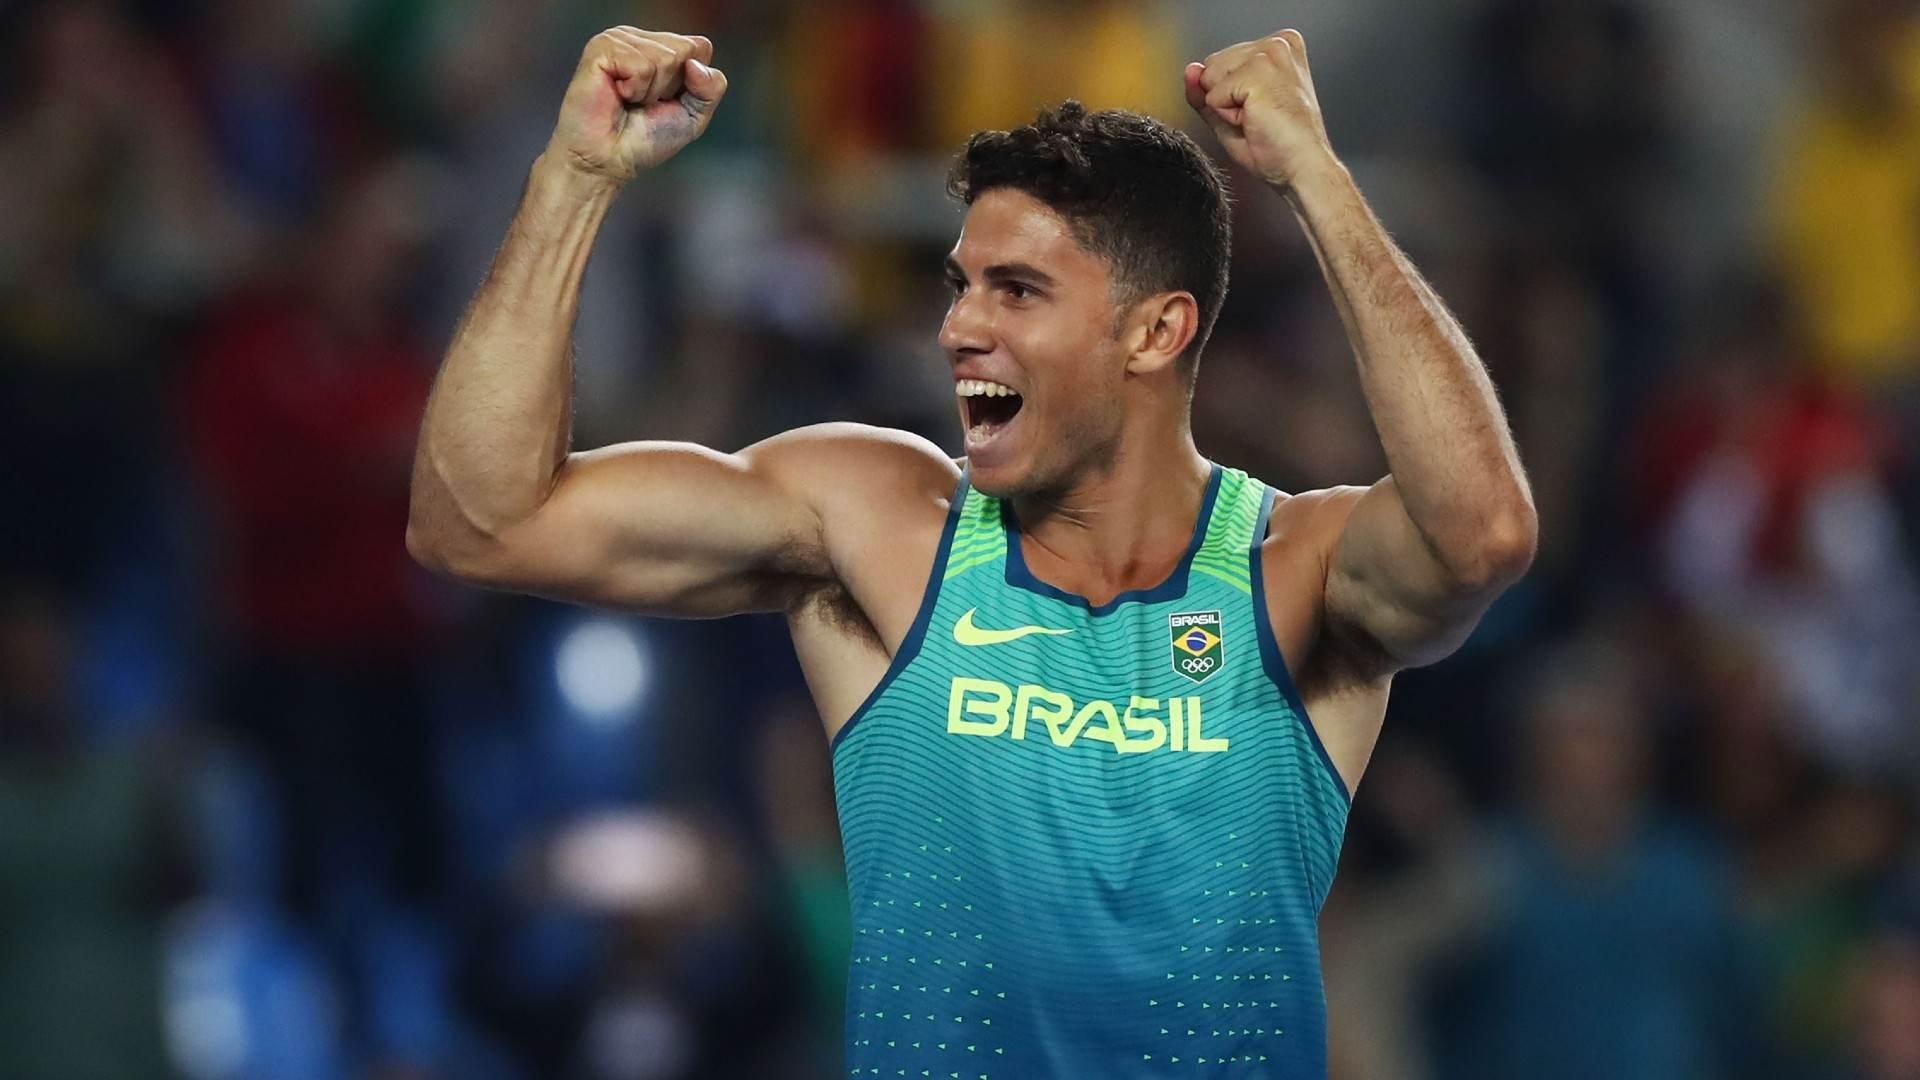 Campeão olímpico em 2016 no salto com vara, Thiago Braz estreia em Tóquio